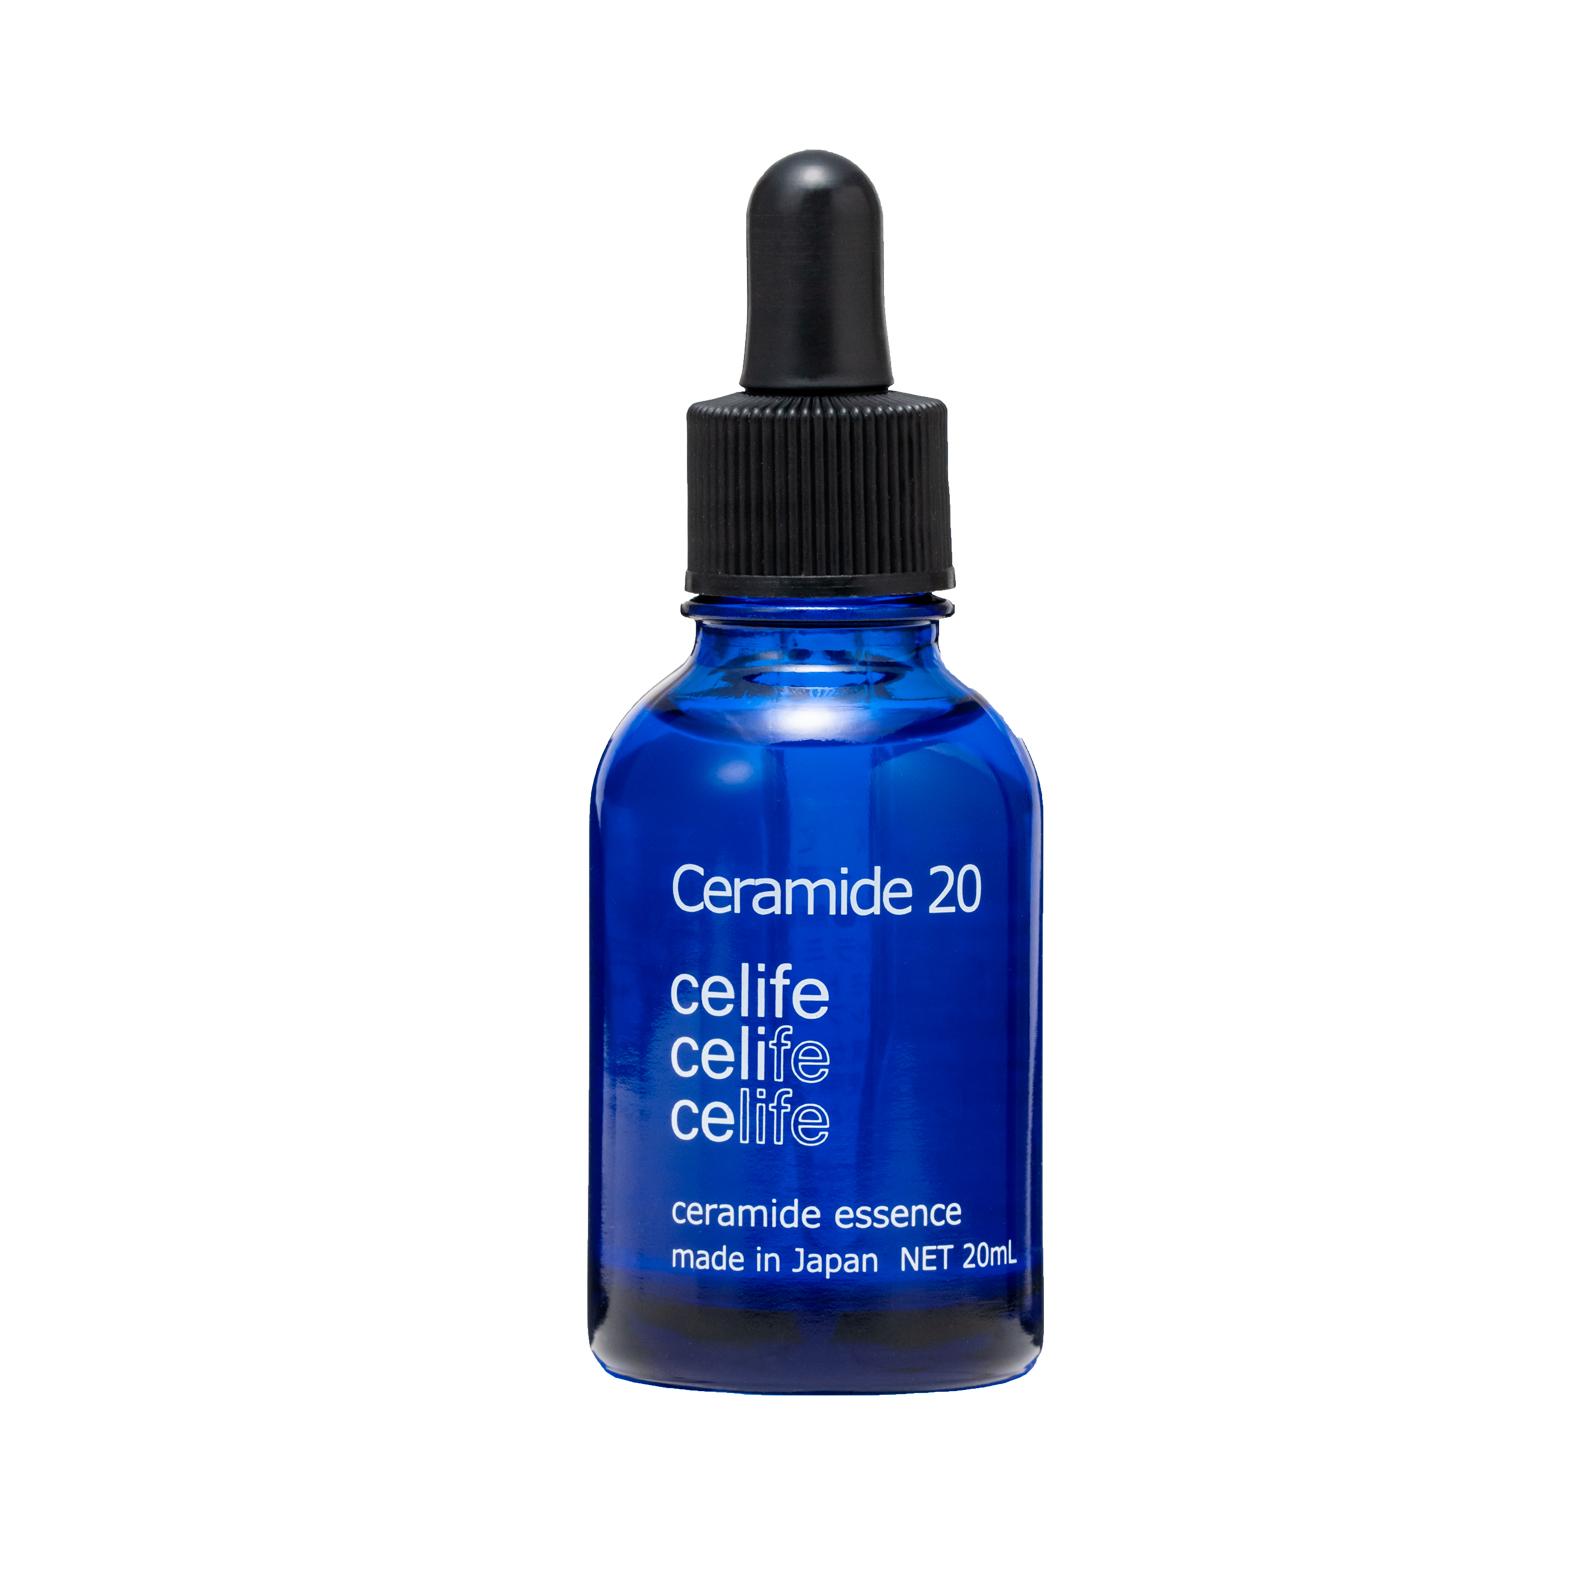 天然セラミド配合美容液 セラミド 20(celife)